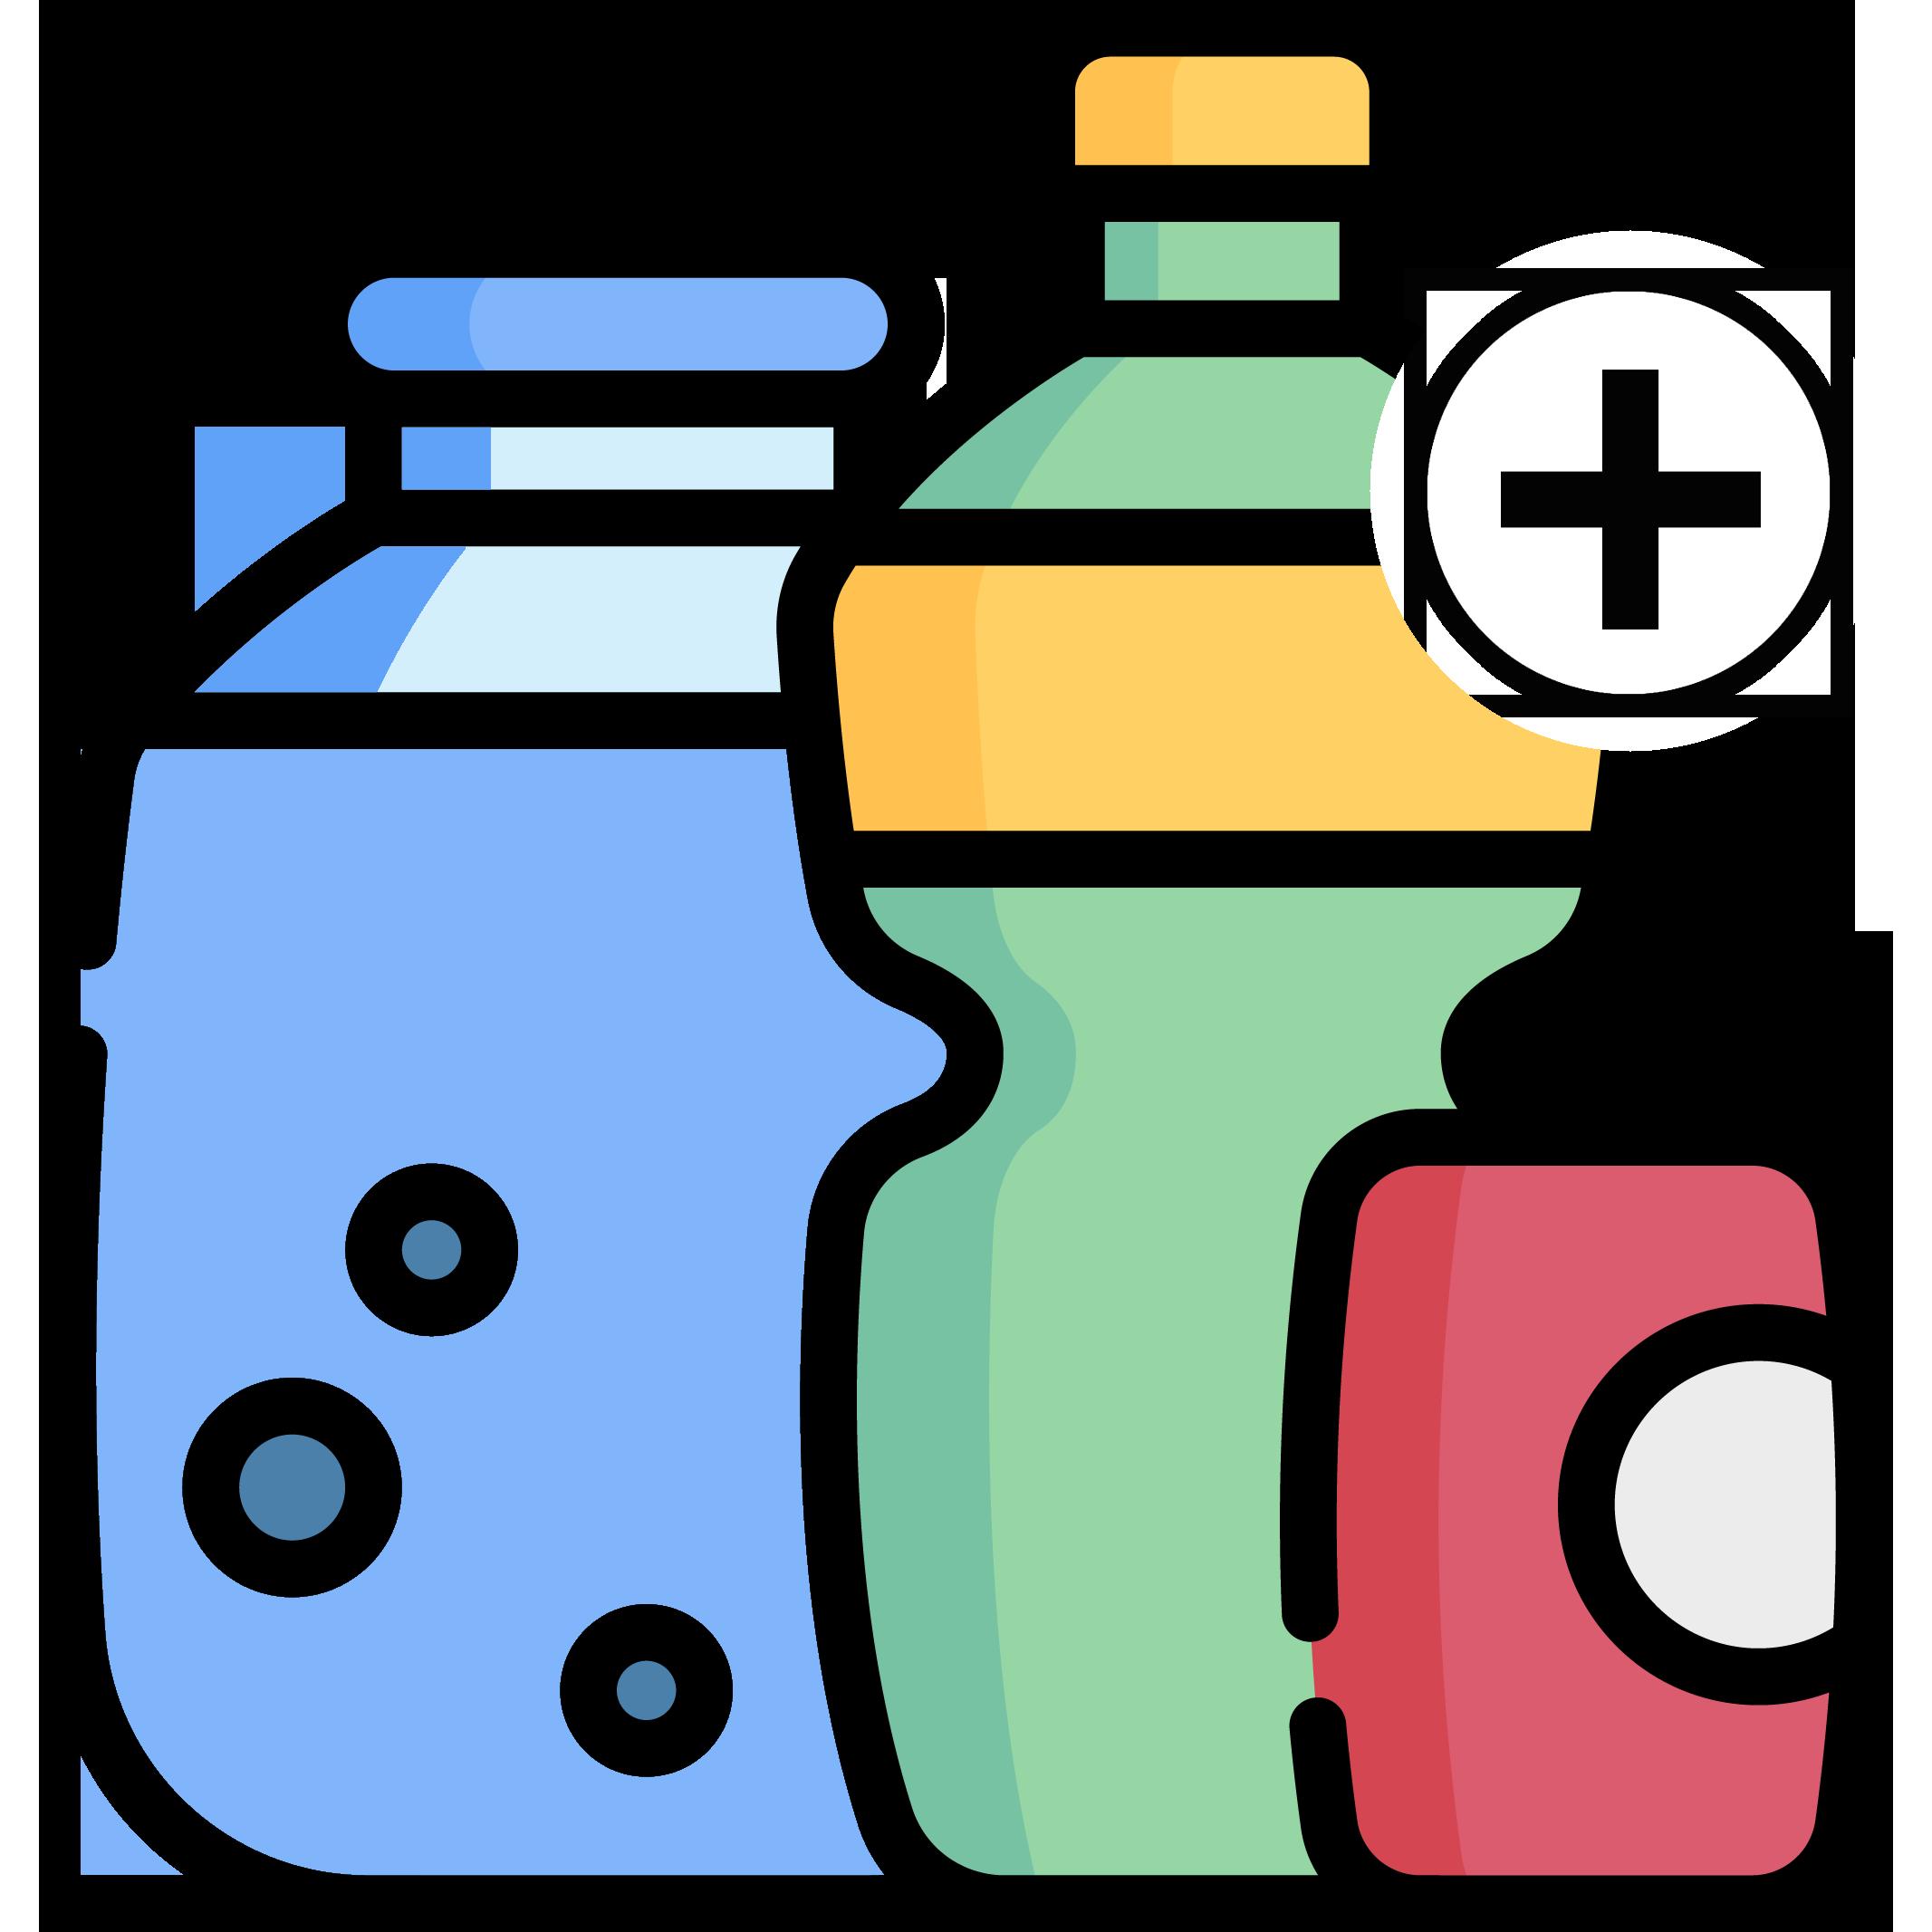 Link zum Getraenke Lieferservice für Energy Drinks